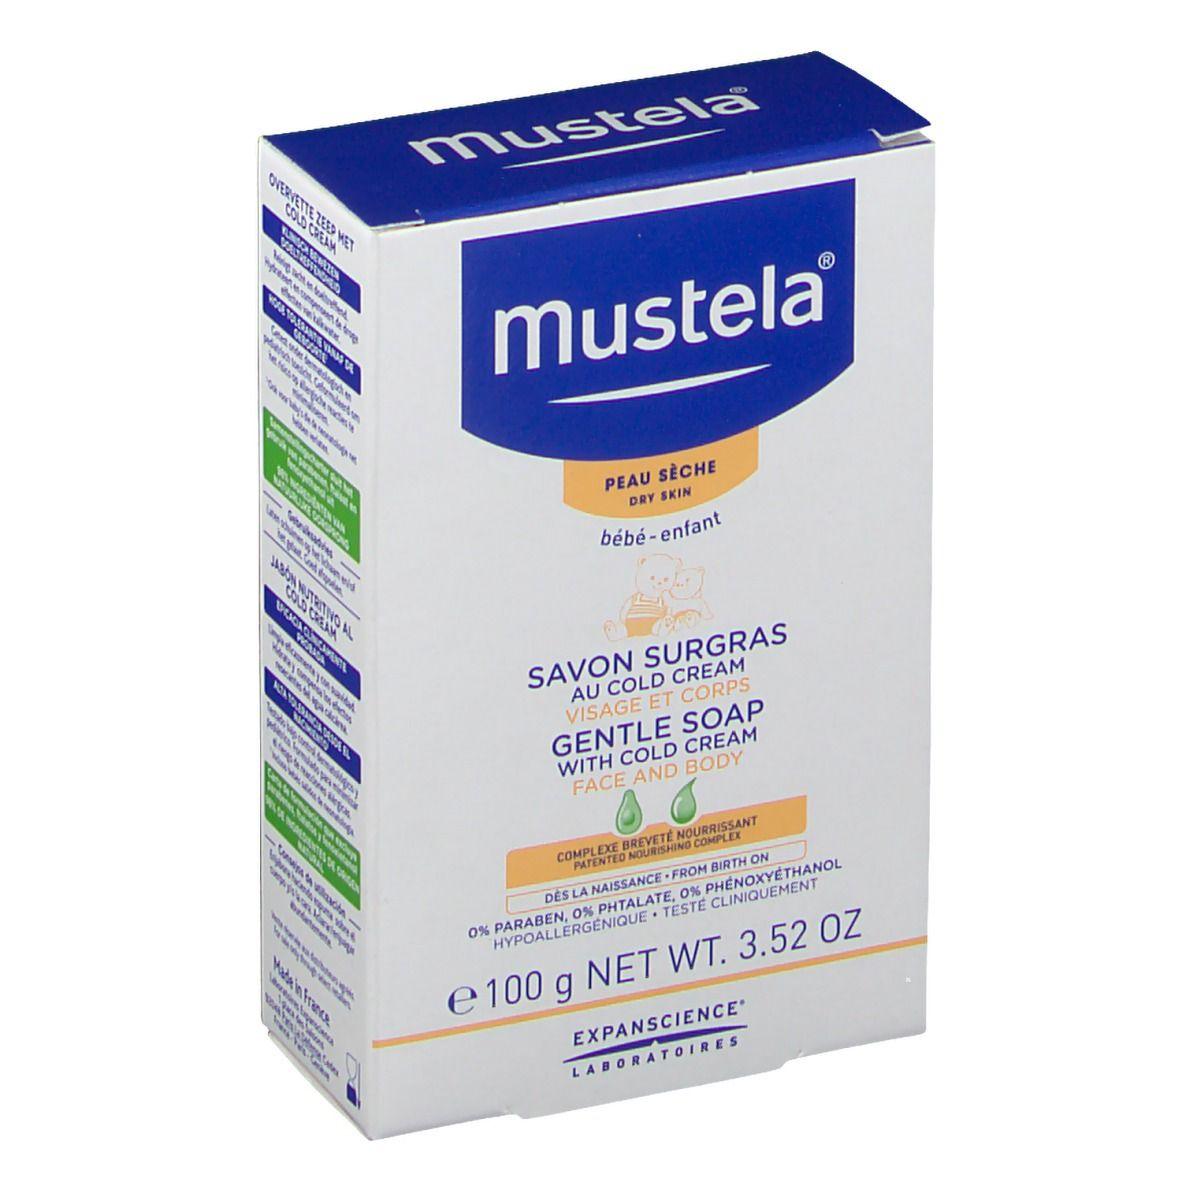 mustela® Savon Surgras au Cold cream g savon